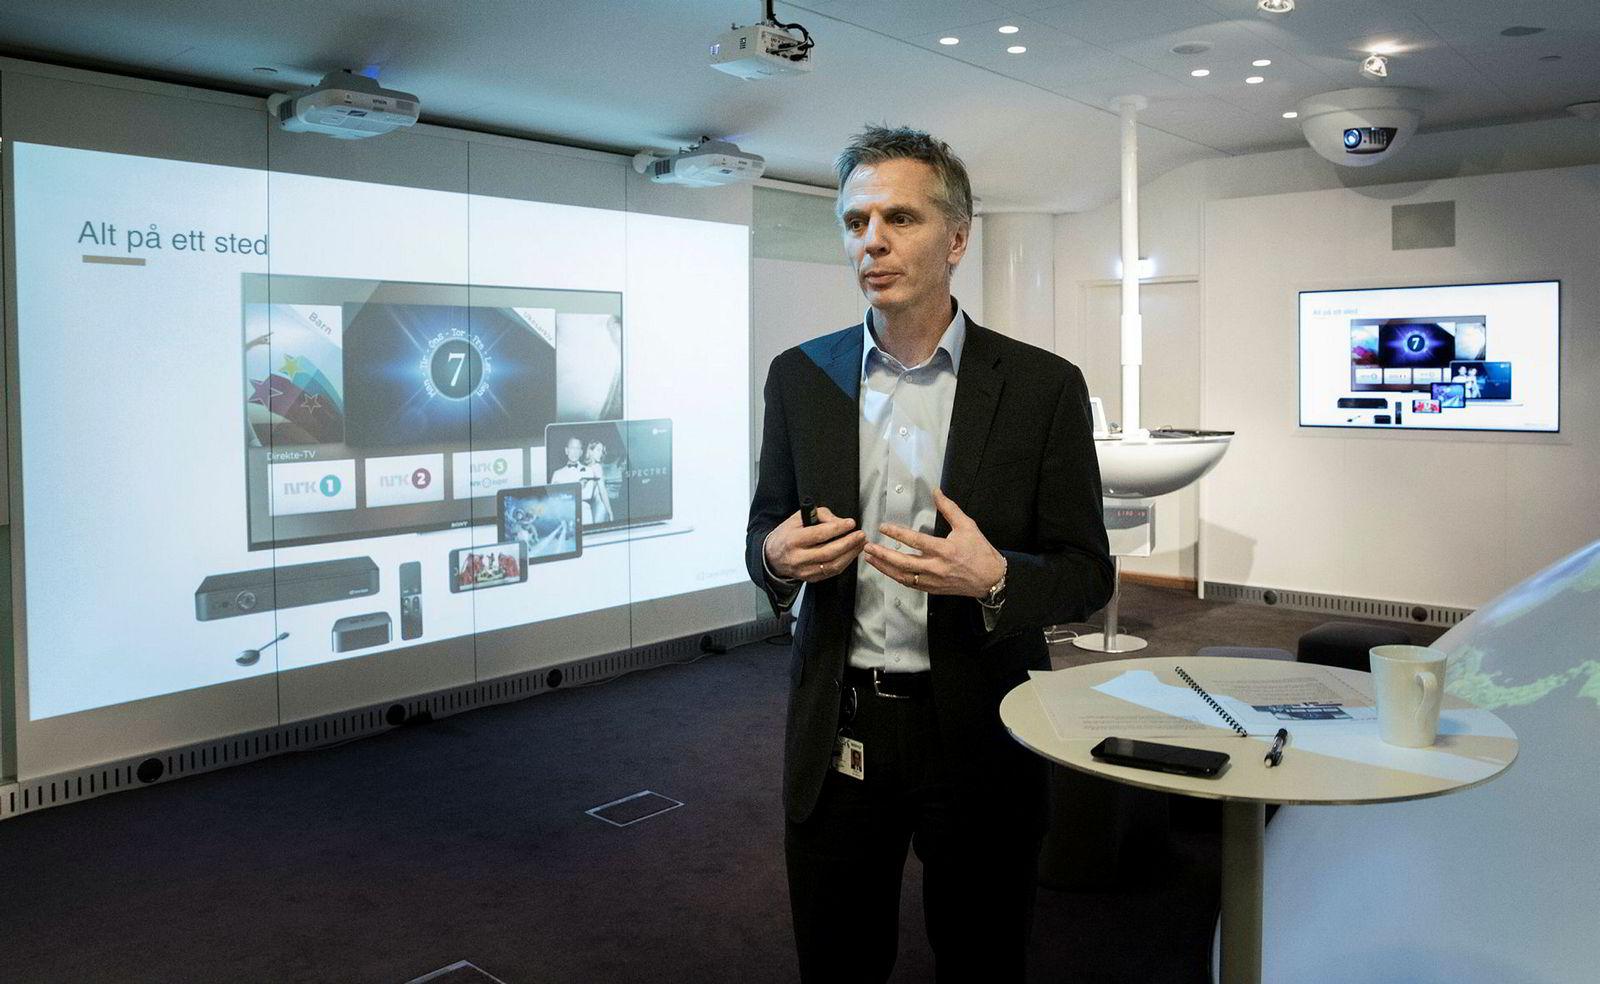 Administrerende direktør Ragnar Kårhus i Canal Digital er fornøyd med å ha fått på plass en avtale.